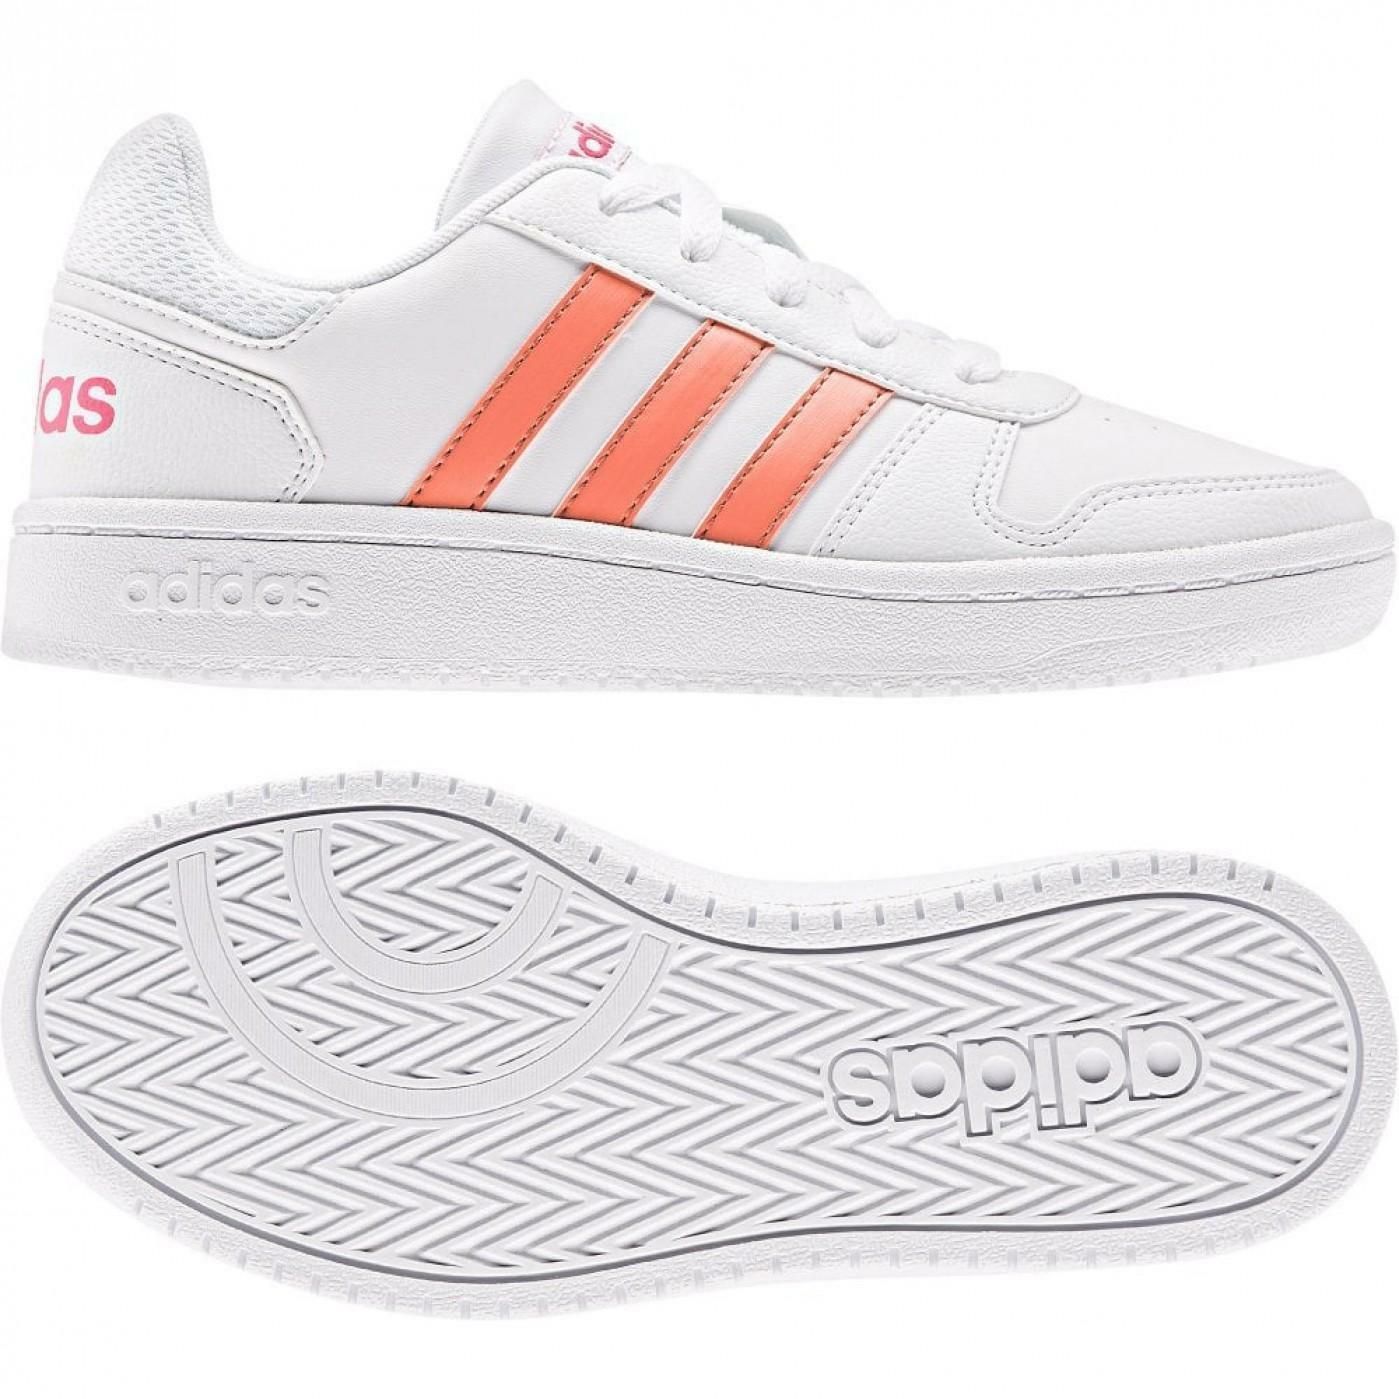 adidas adidas hoops 2.0 k bambina sneaker bassa ee6721 bianco